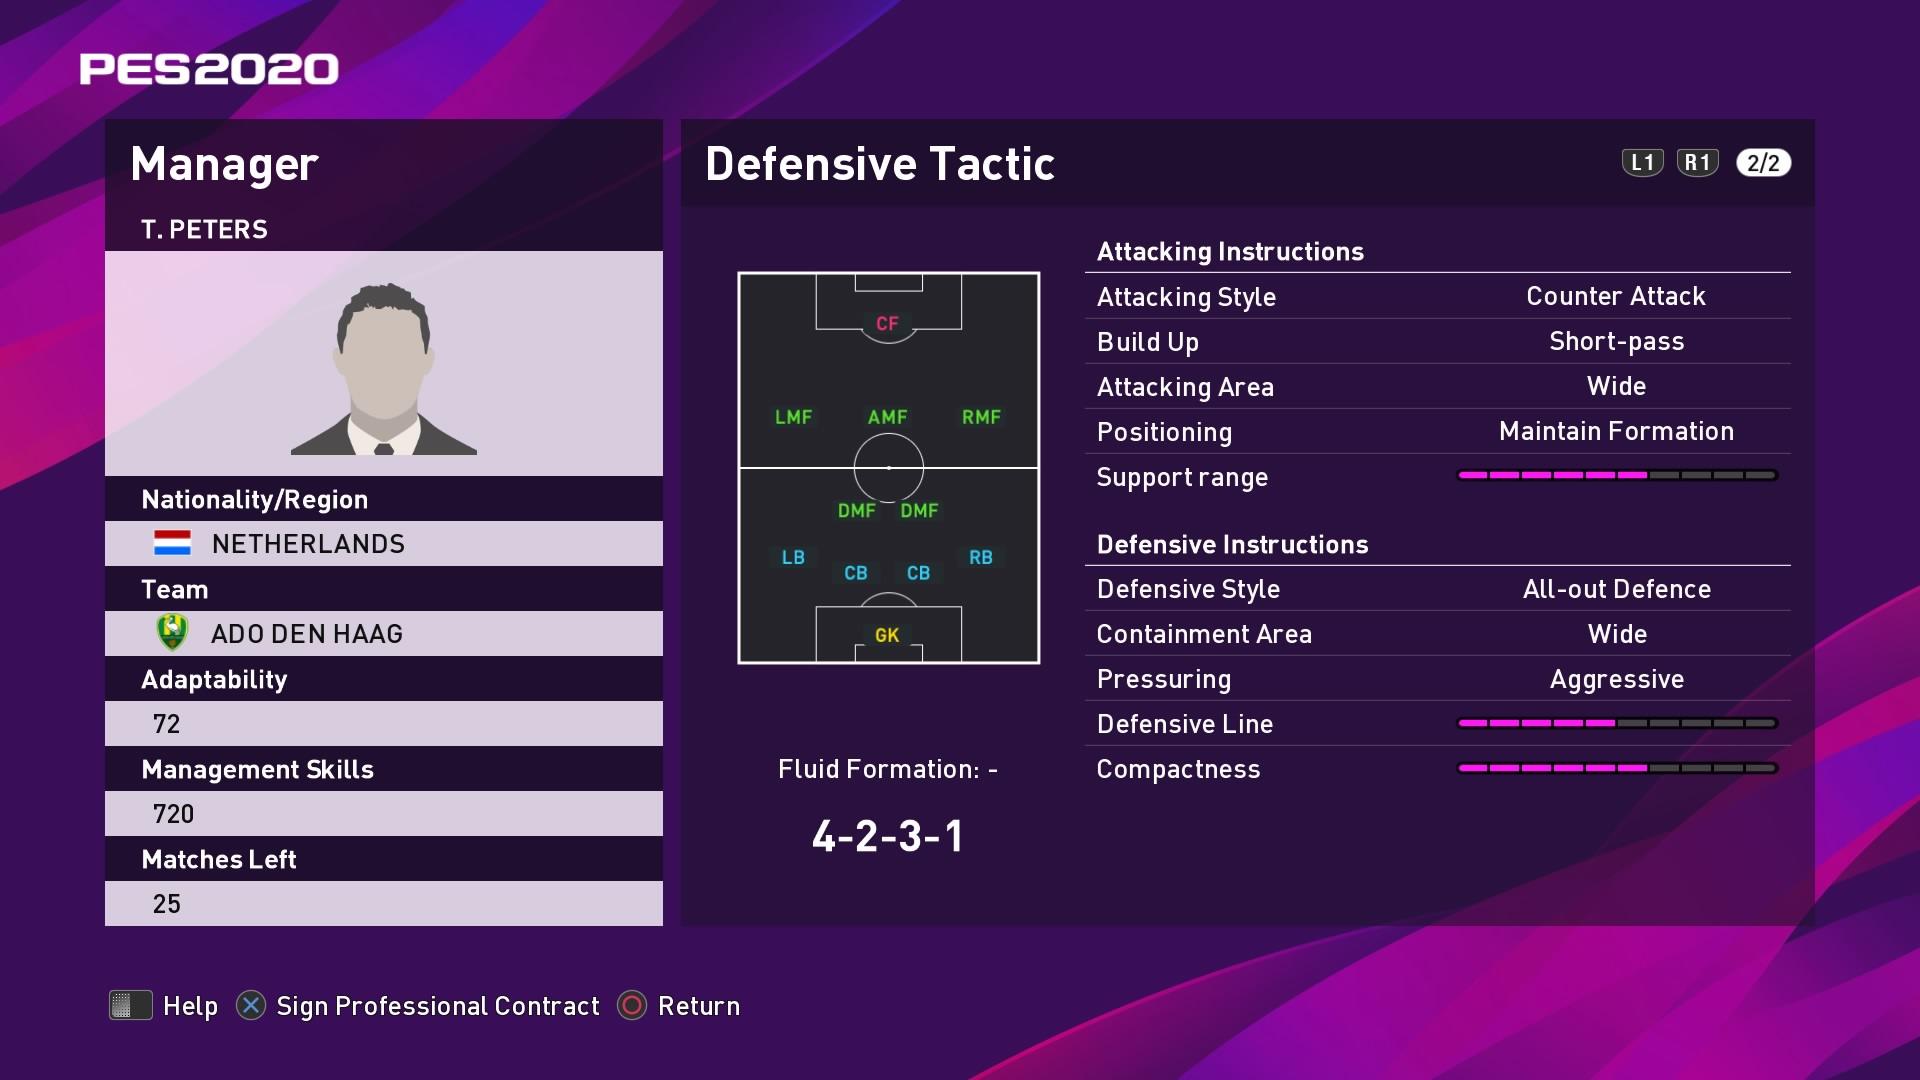 T. Peters (Alfons Groenendijk) Defensive Tactic in PES 2020 myClub